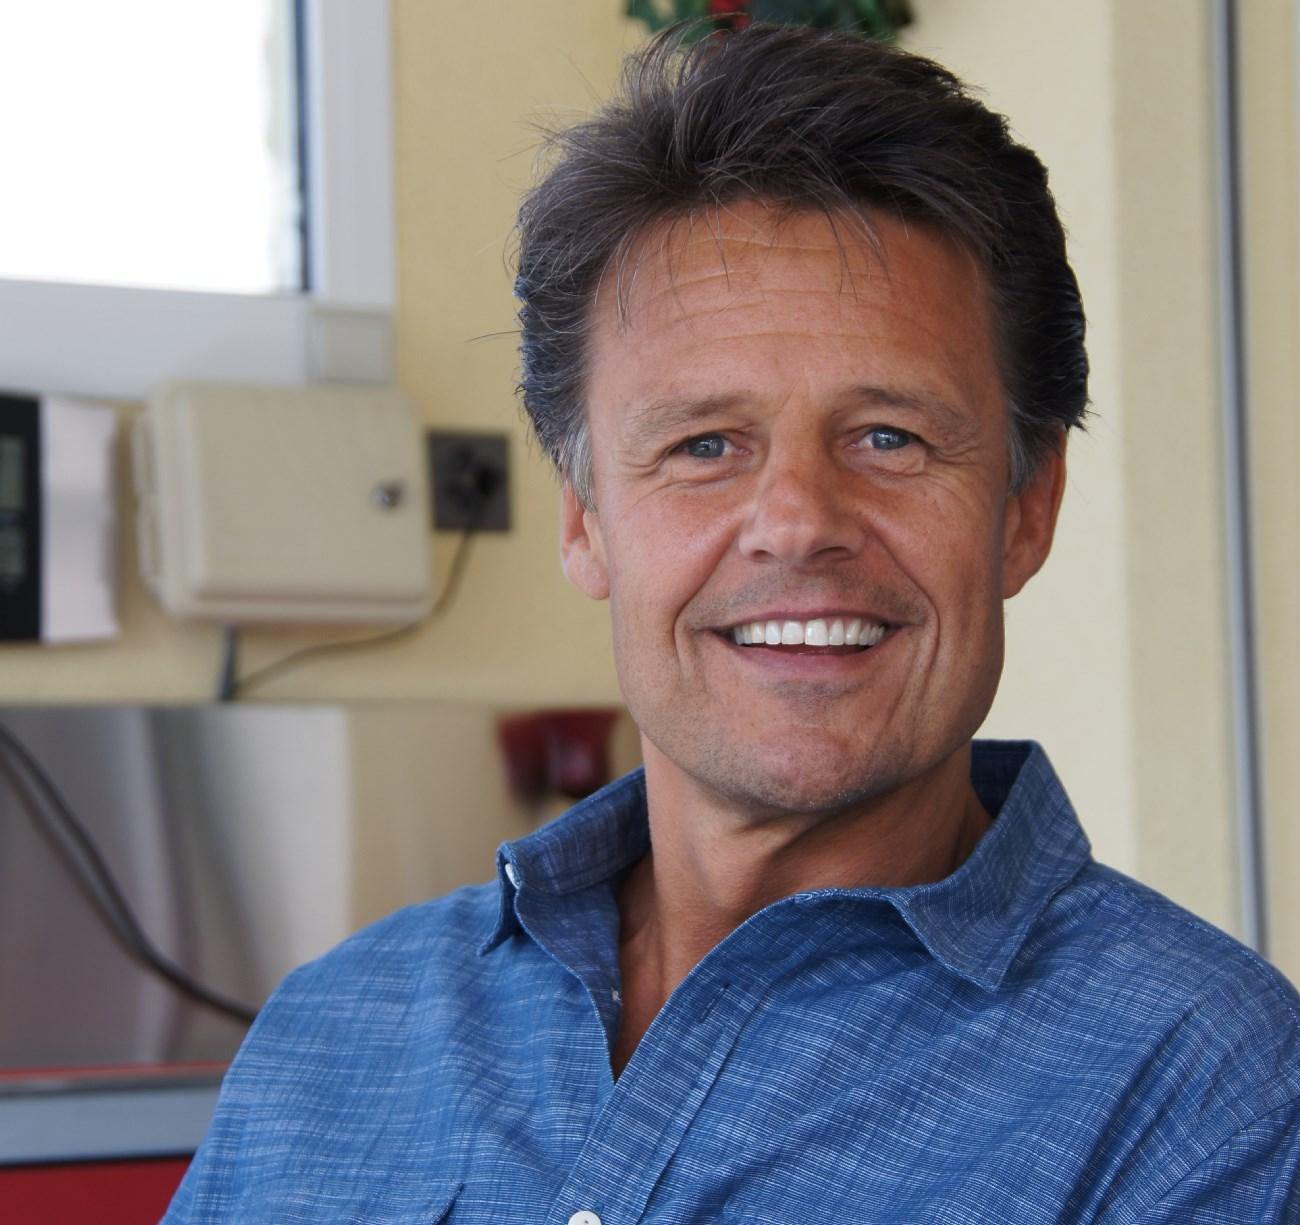 Markus Lutz ist Sänger und Unternehmer. Als Mark Dean hat er zahlreiche Erfolge gefeiert. Jetzt will es der Magdener nochmals wissen. - 0.14017500_1395234433